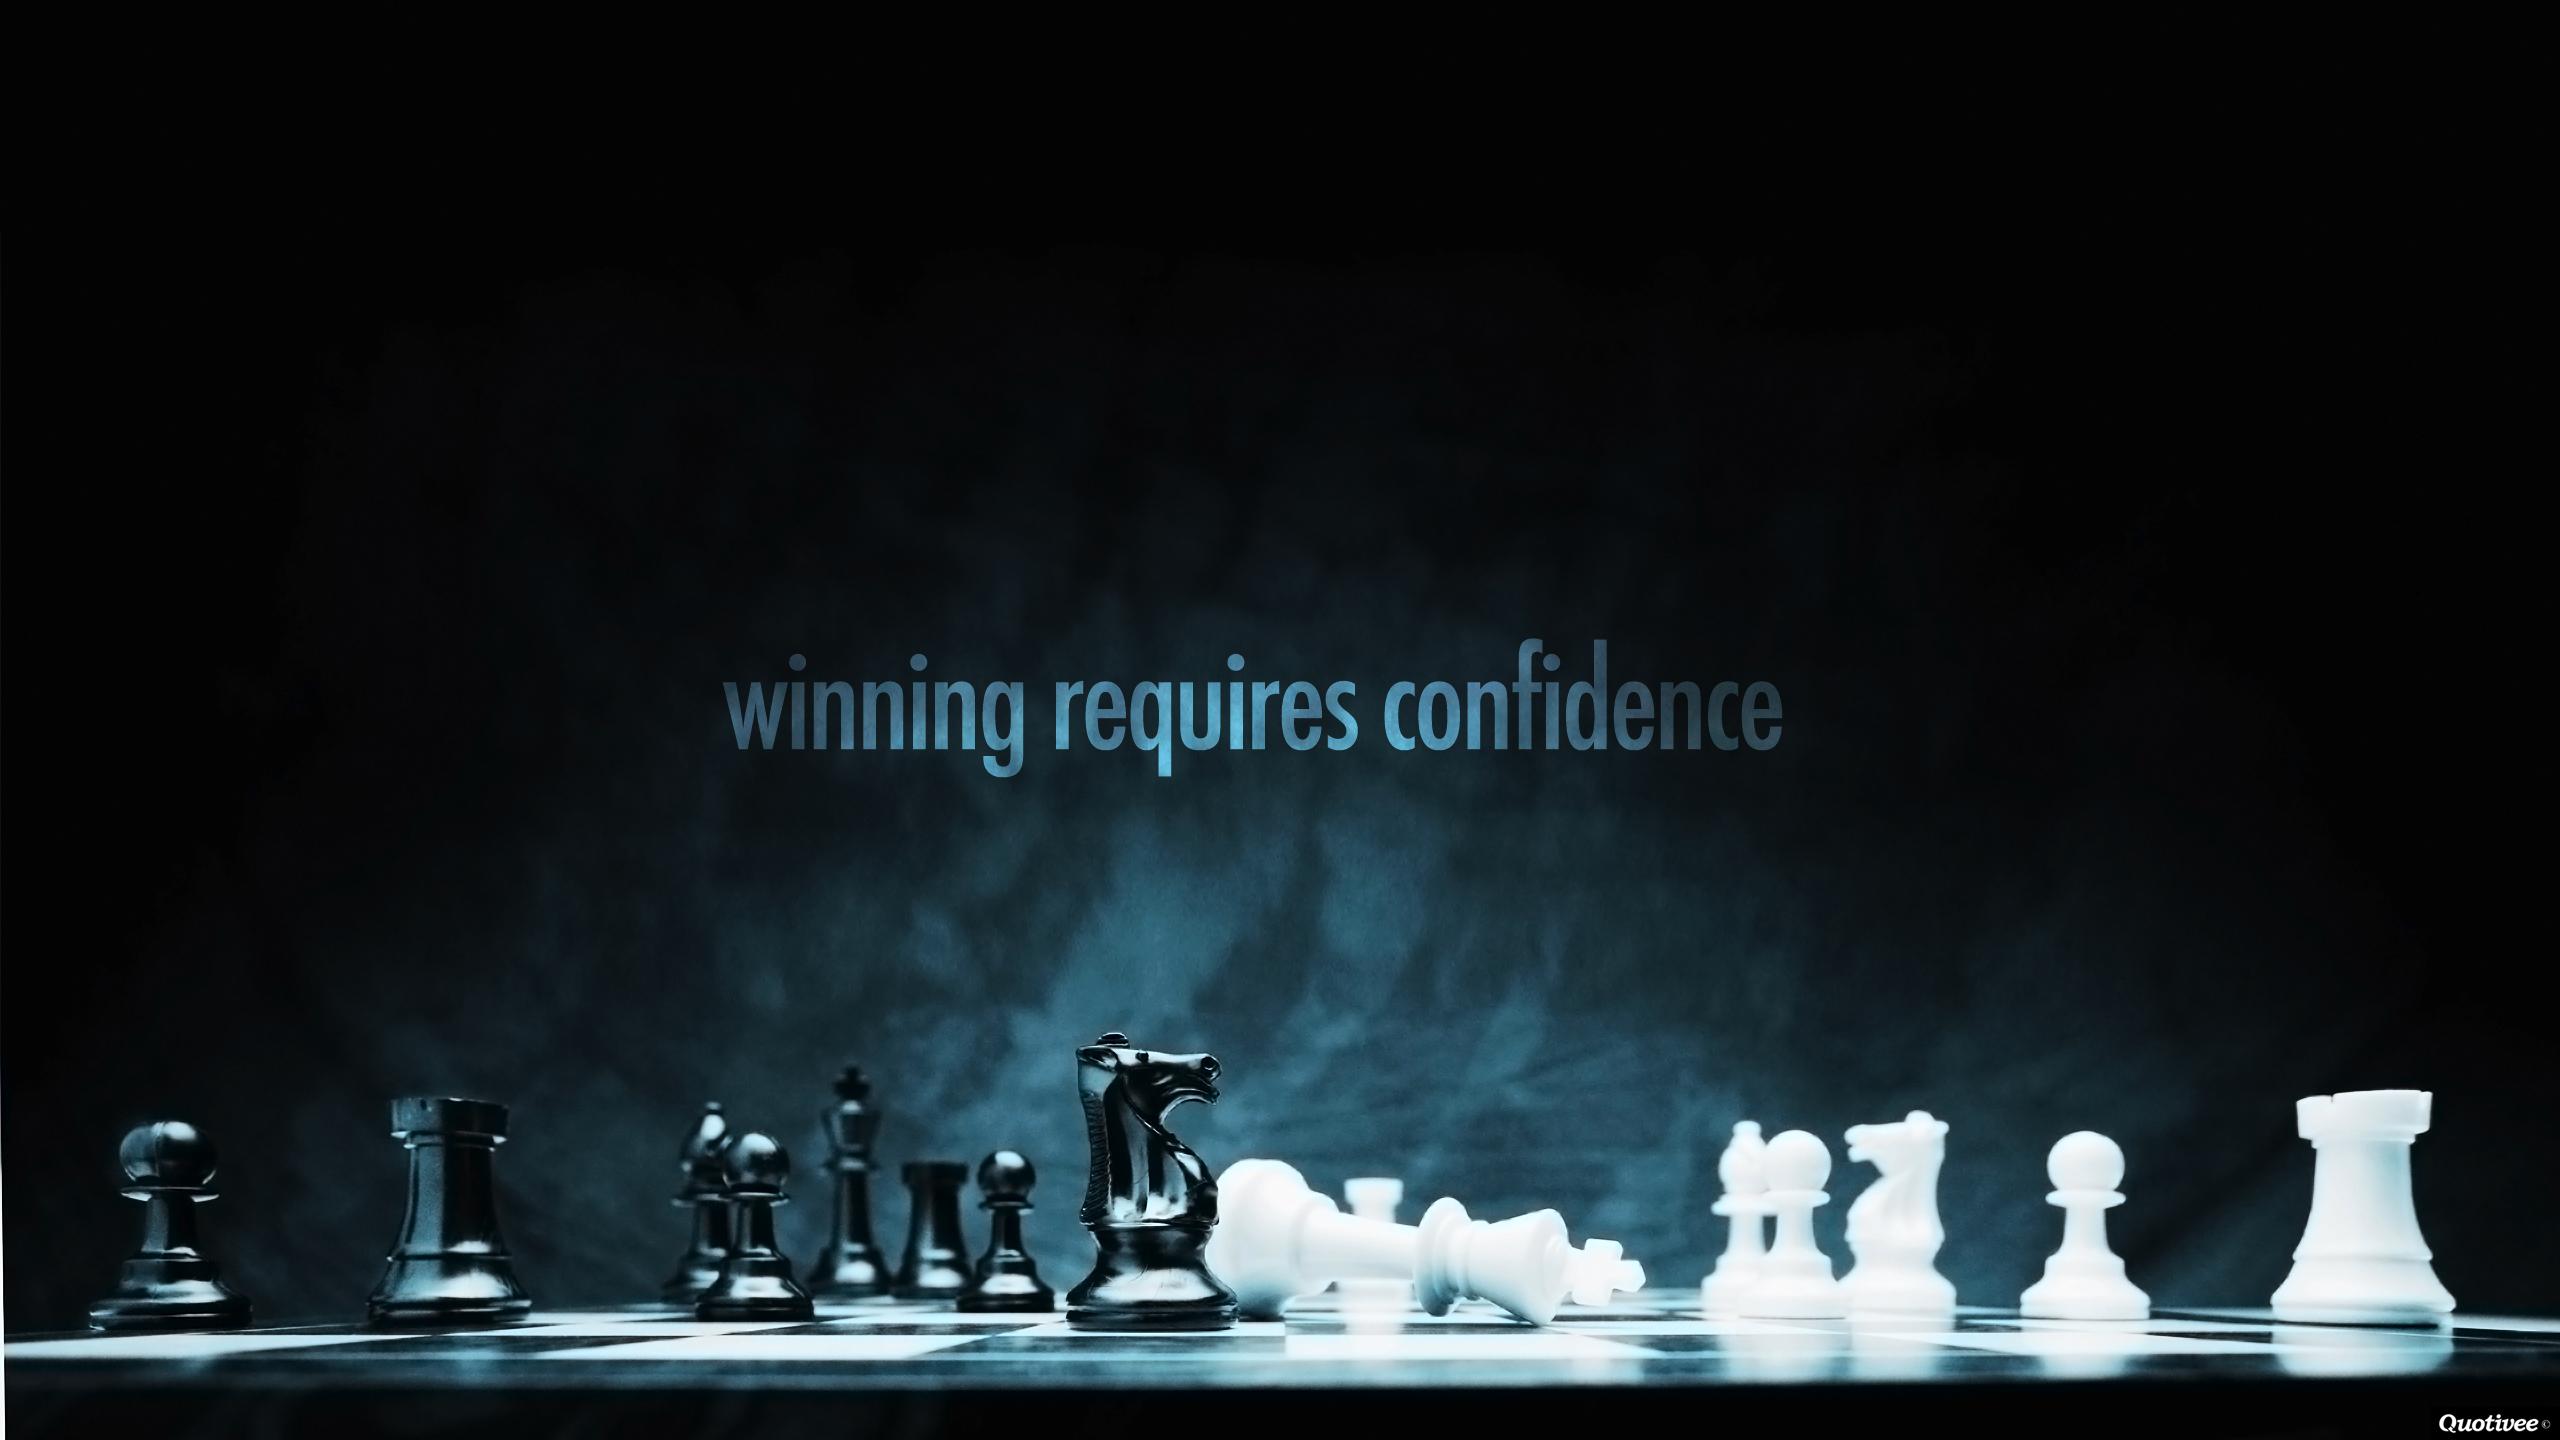 Wallpaper Motivational Quote Winning Wallpapers Inspiration - Hd Motivational Wallpapers For Pc - HD Wallpaper